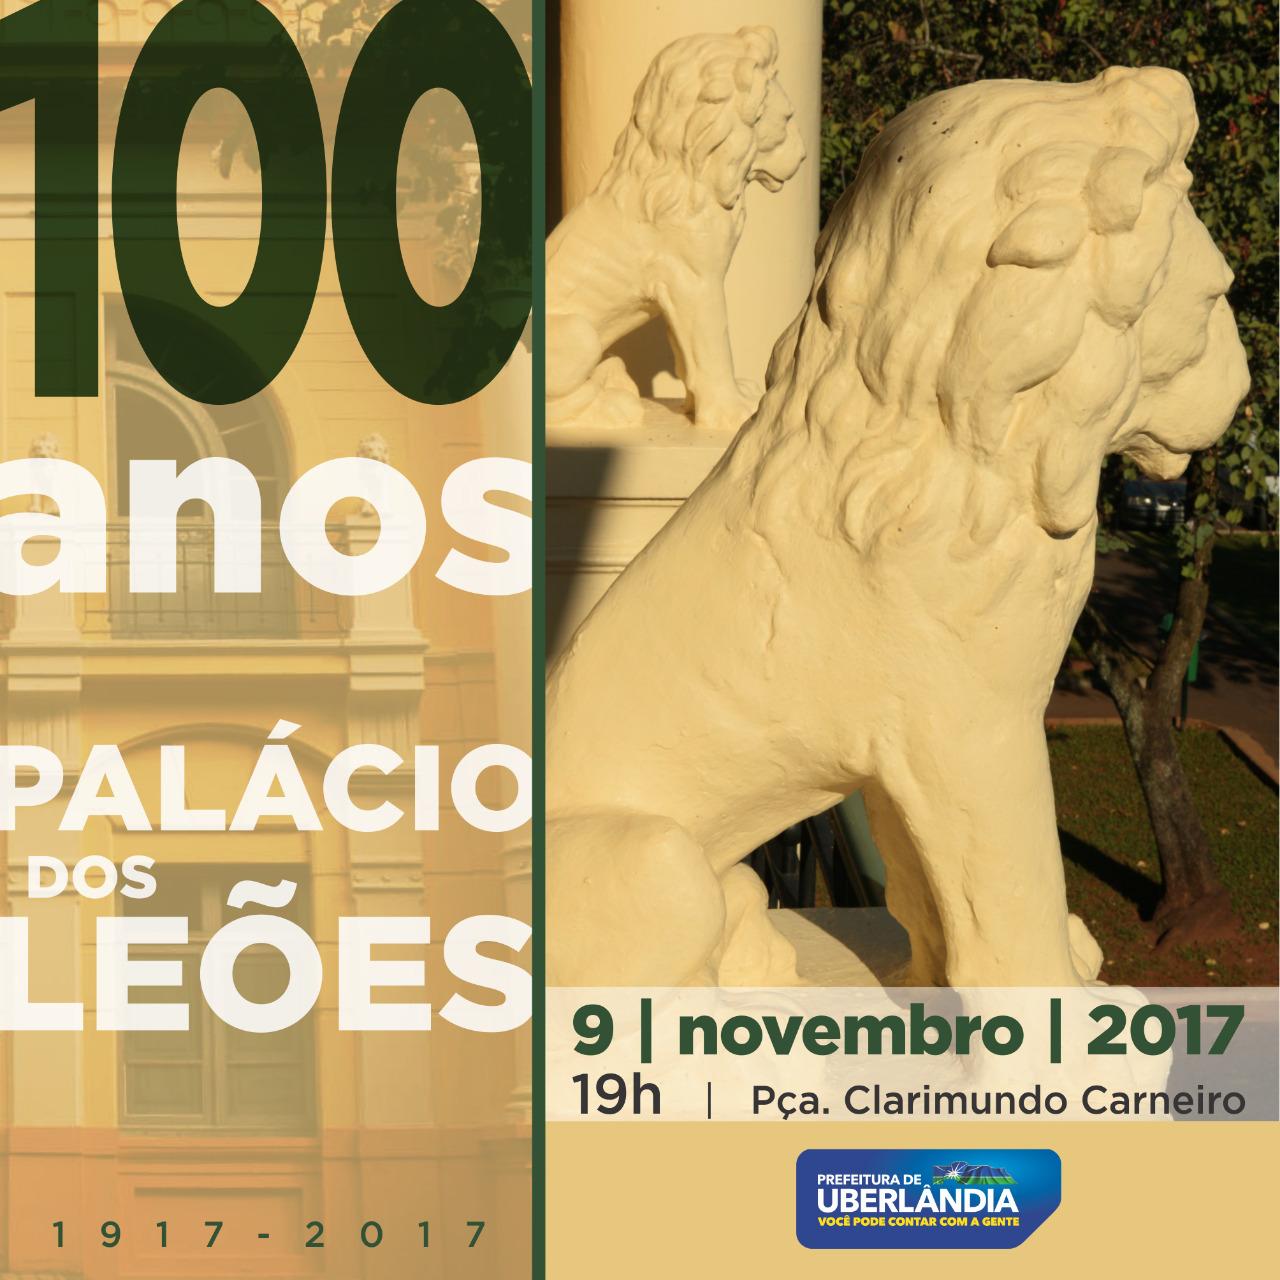 PALÁCIO DOS LEÕES - 100 ANOS